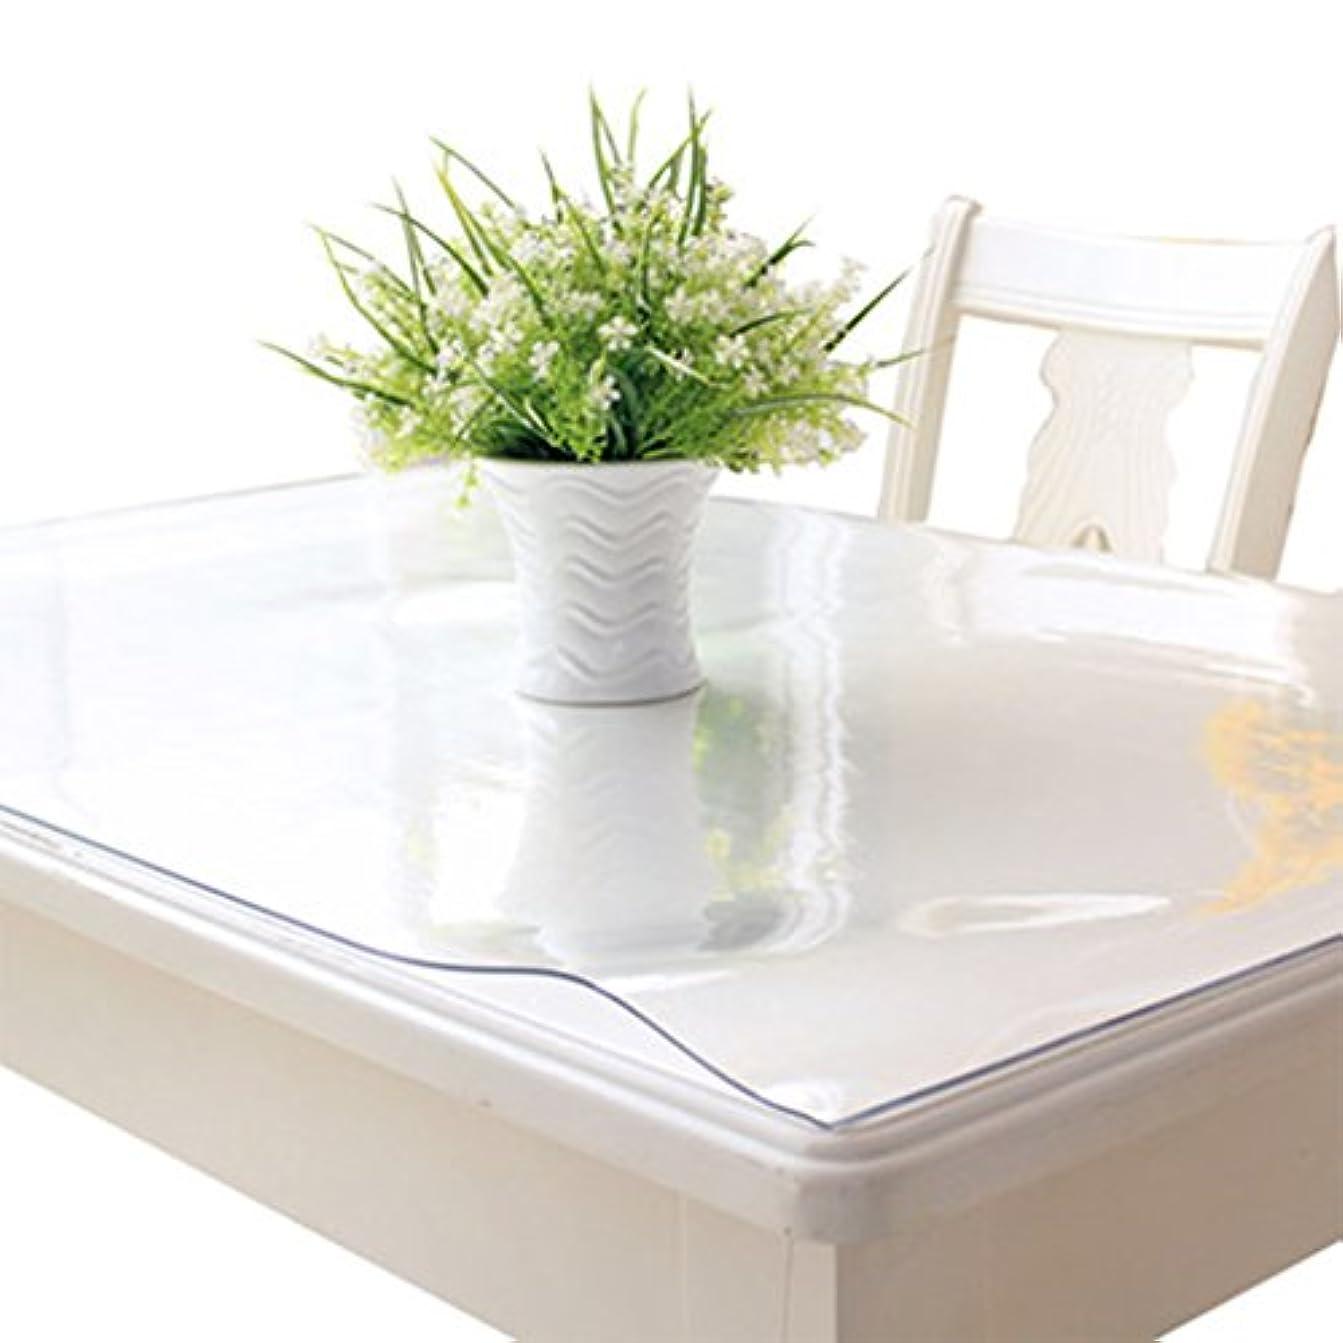 石灰岩しなければならない集める軟質ガラスPVCテーブルクロス防水耐ホットオイル?テーブル?クリスタルテーブルコーヒーテーブル透明パッド (Color : 5MM, Size : 90X160CM)